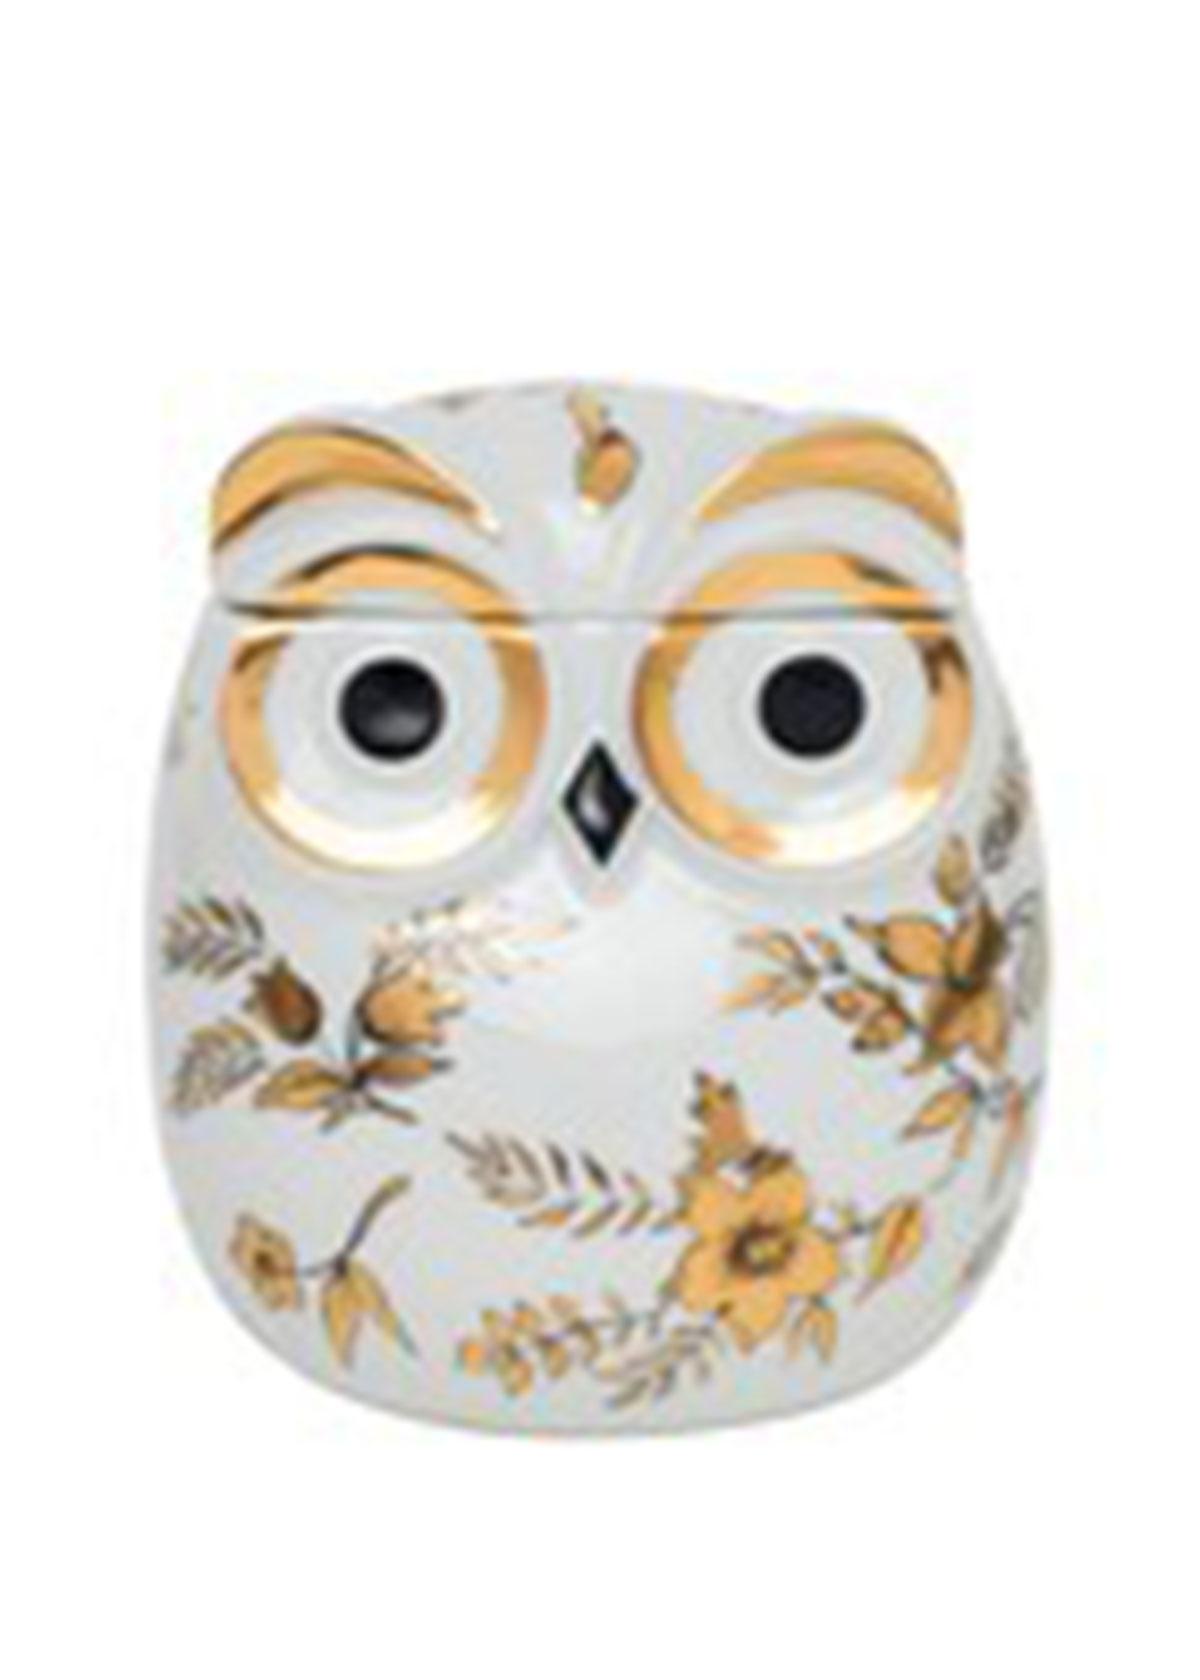 Fornasetti Home decors JAR CIVETTA FIORATA FLORAL OWL